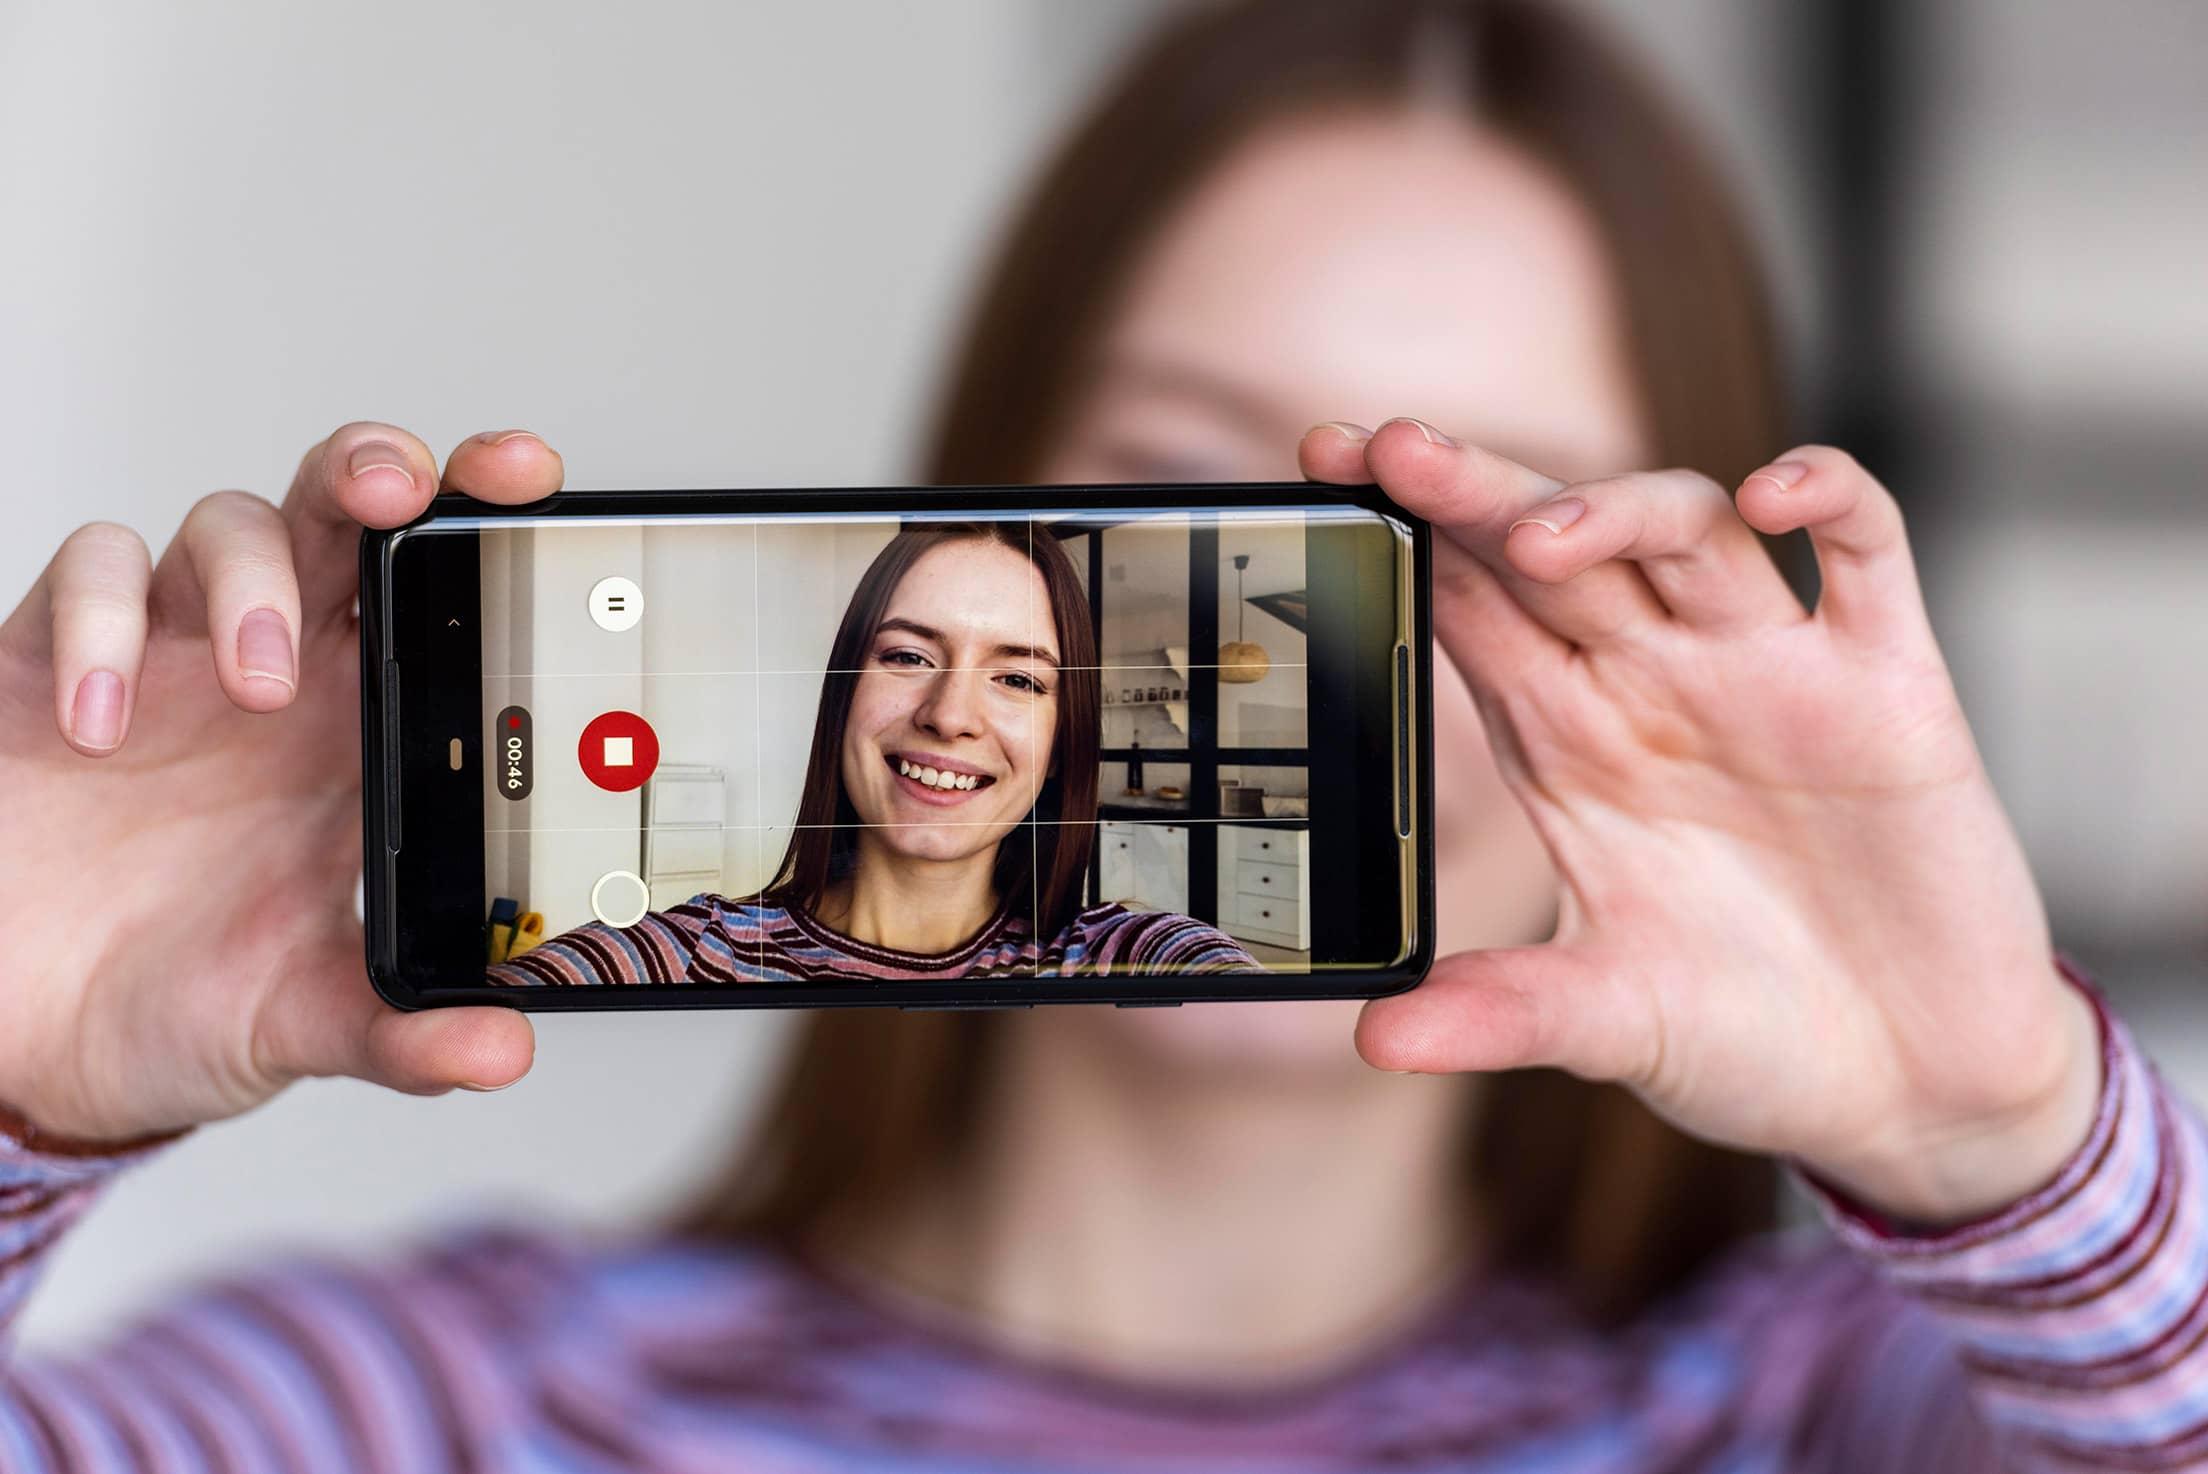 ¿Crees que te hackearon Instagram? Instagram te pedirá quegrabes un video selfie para autenticar tu identidad.